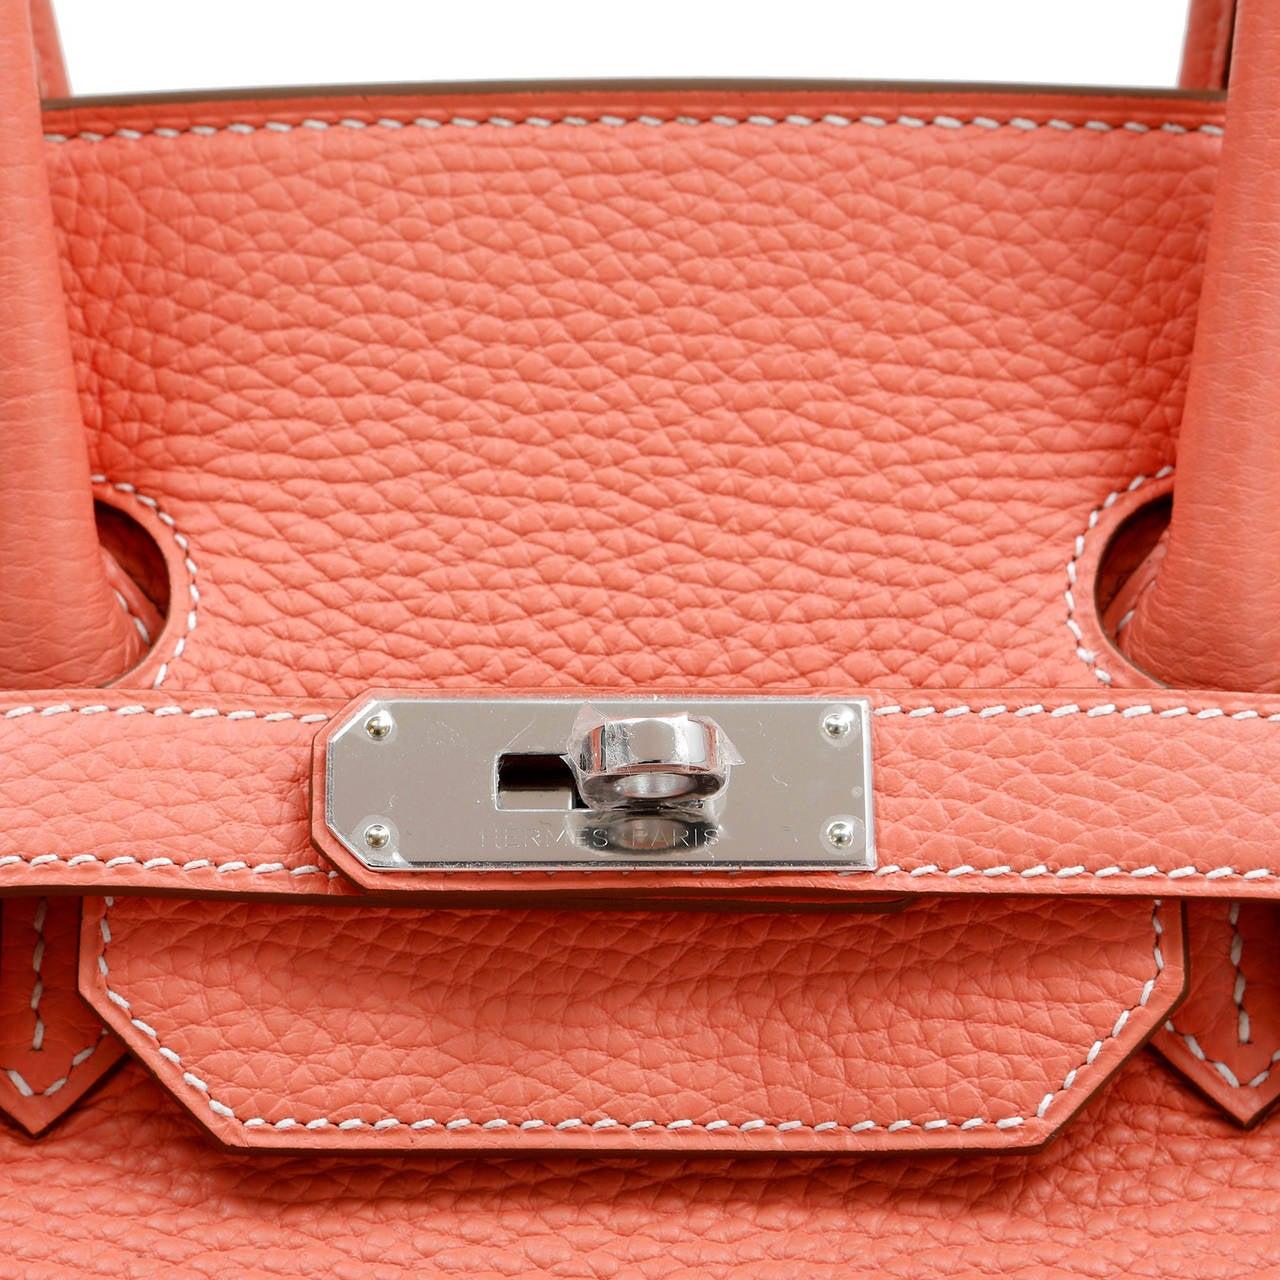 Hermes Crevette Togo 35 cm Birkin Bag- Salmon Pink Color 8